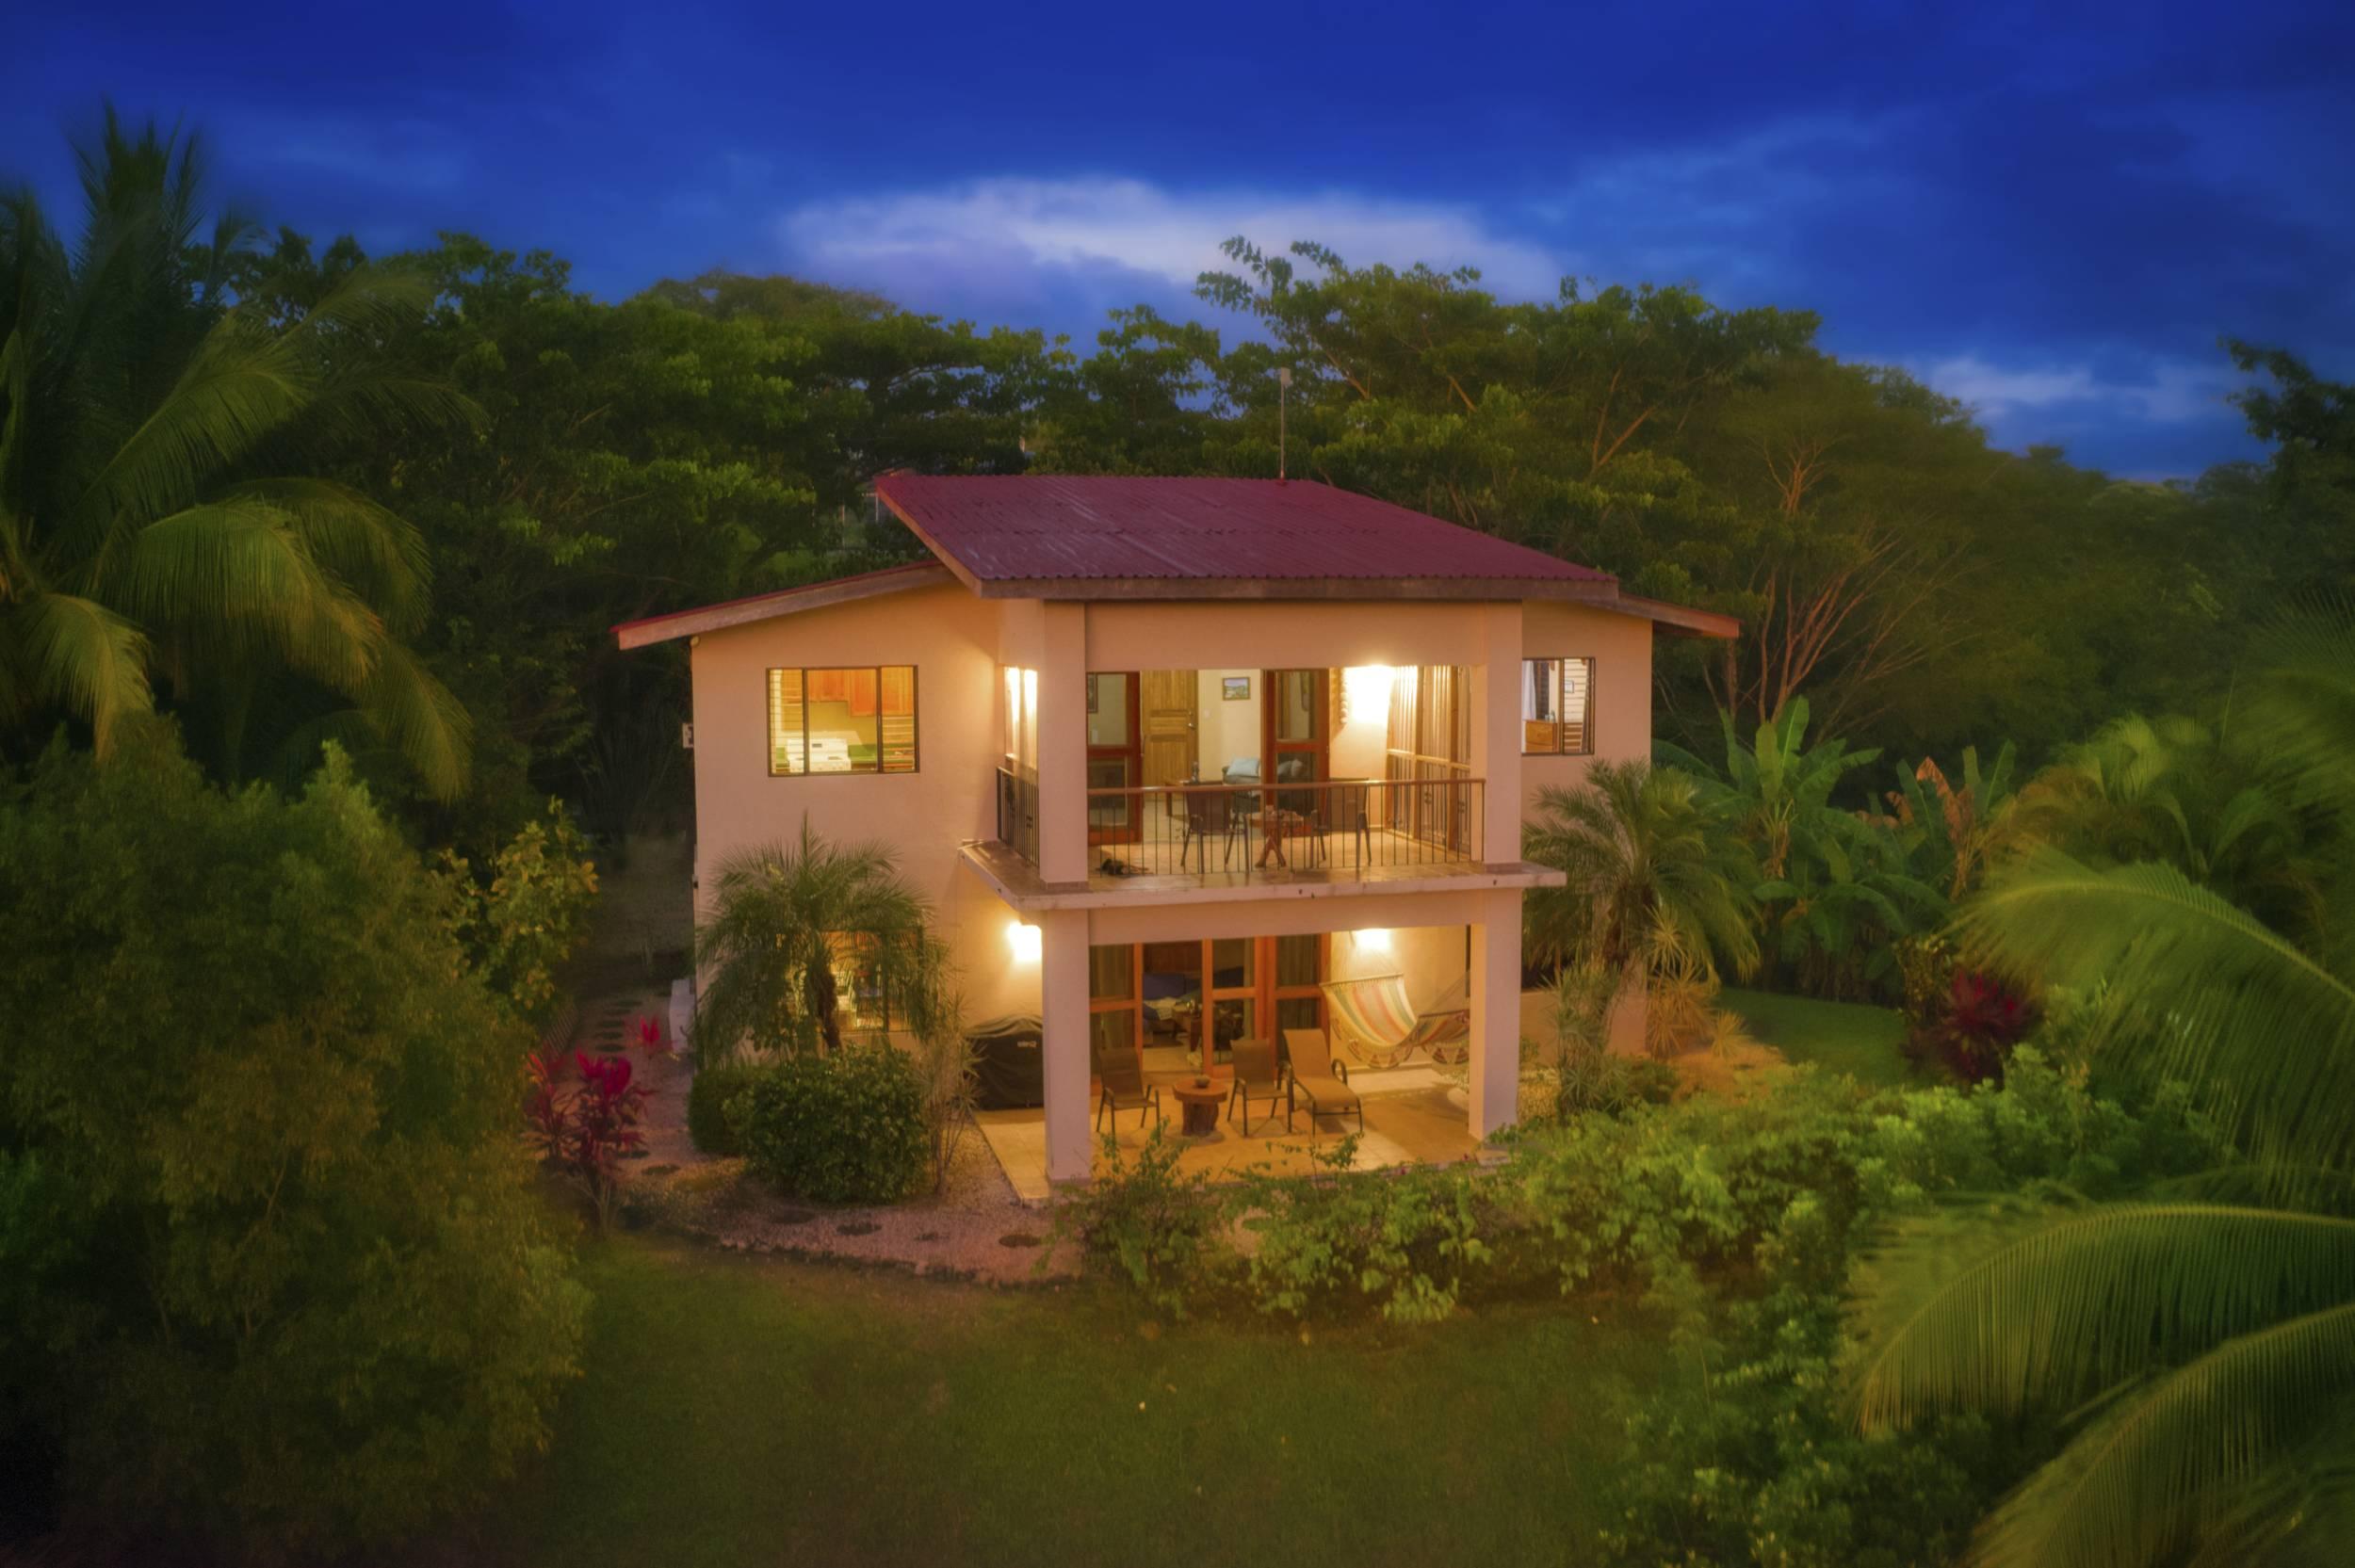 Casa Tropical Dream